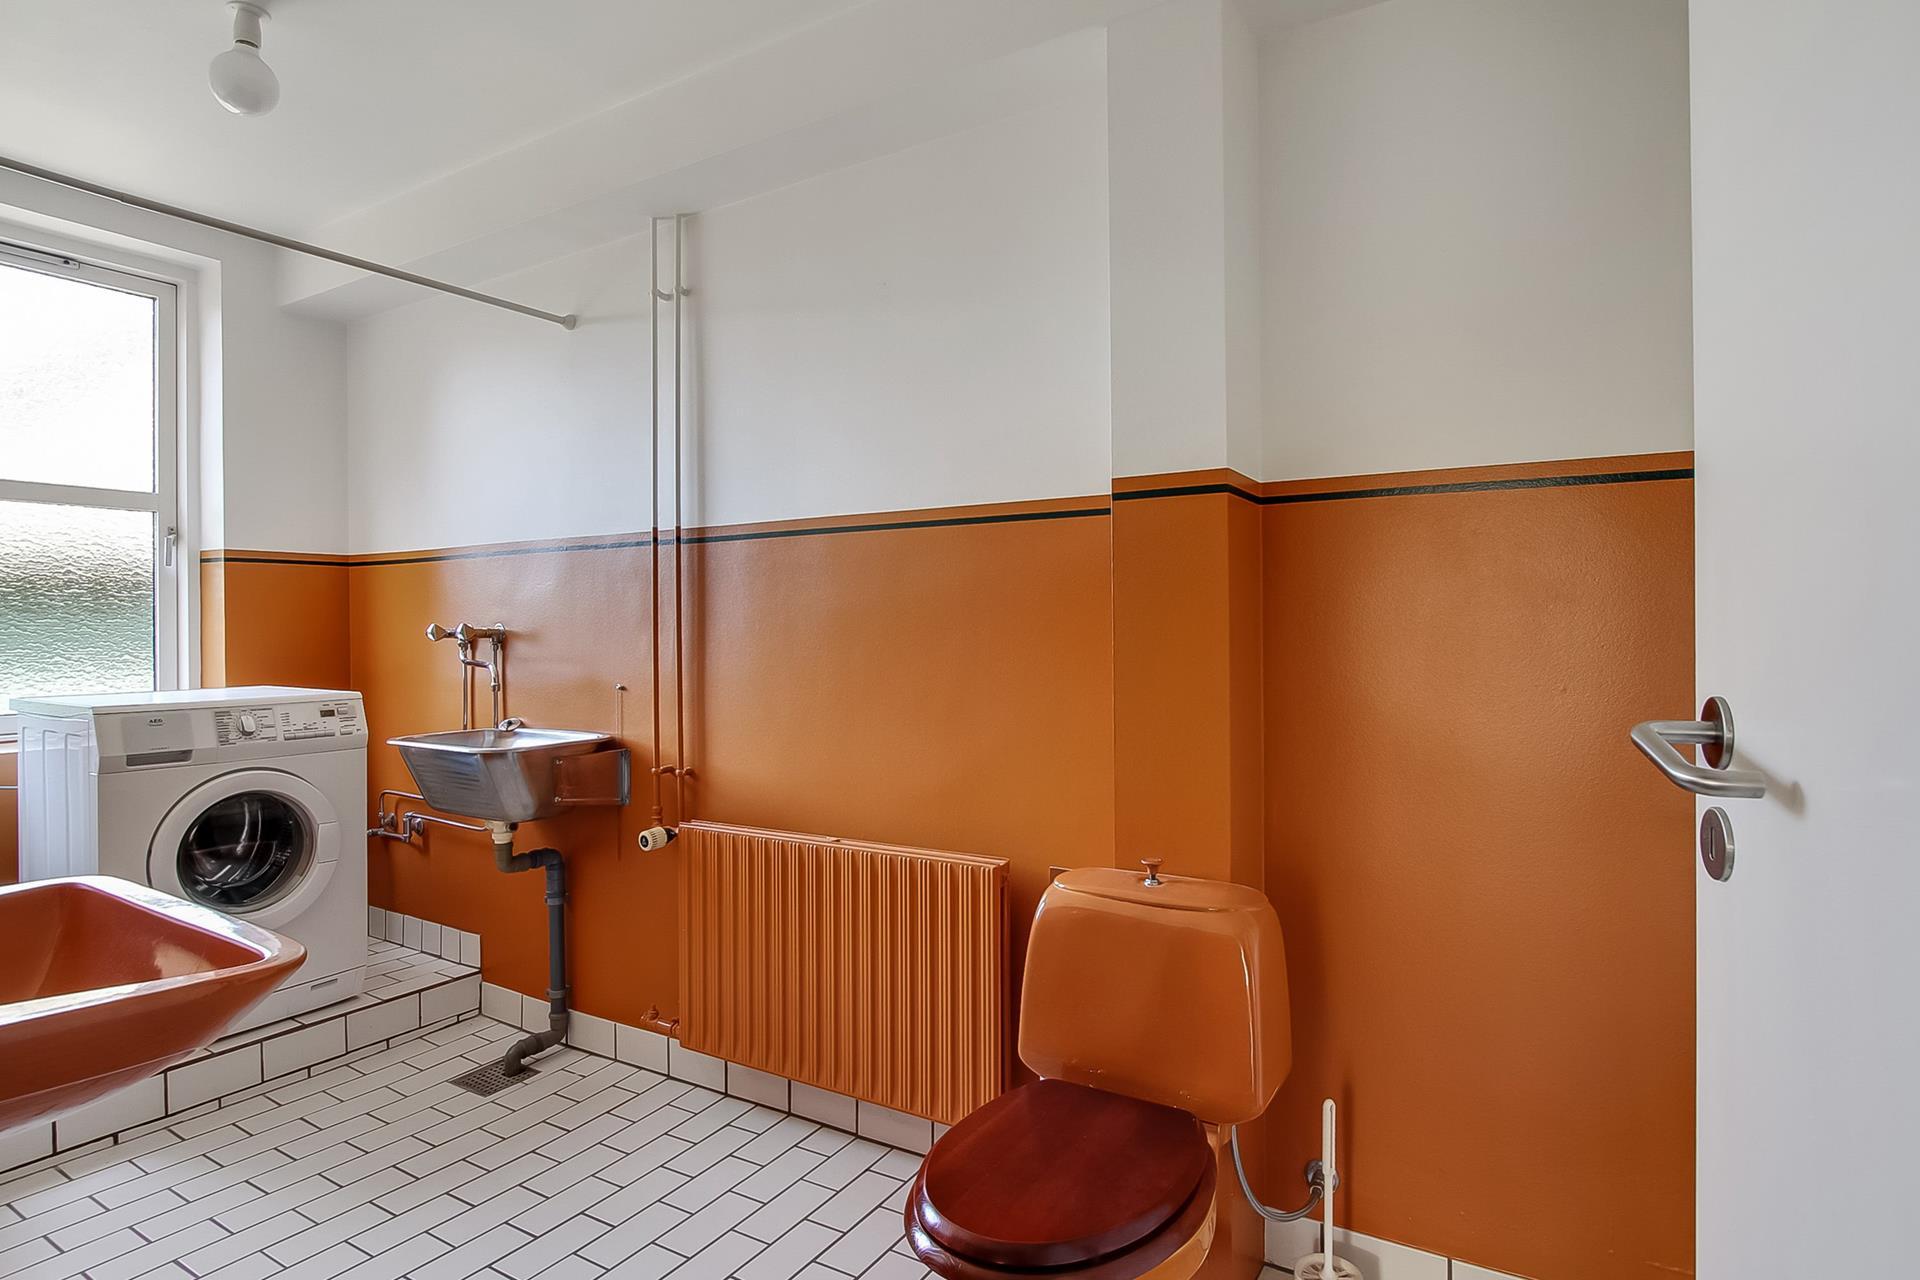 Andet på Smedebroen i Trige - Toilet